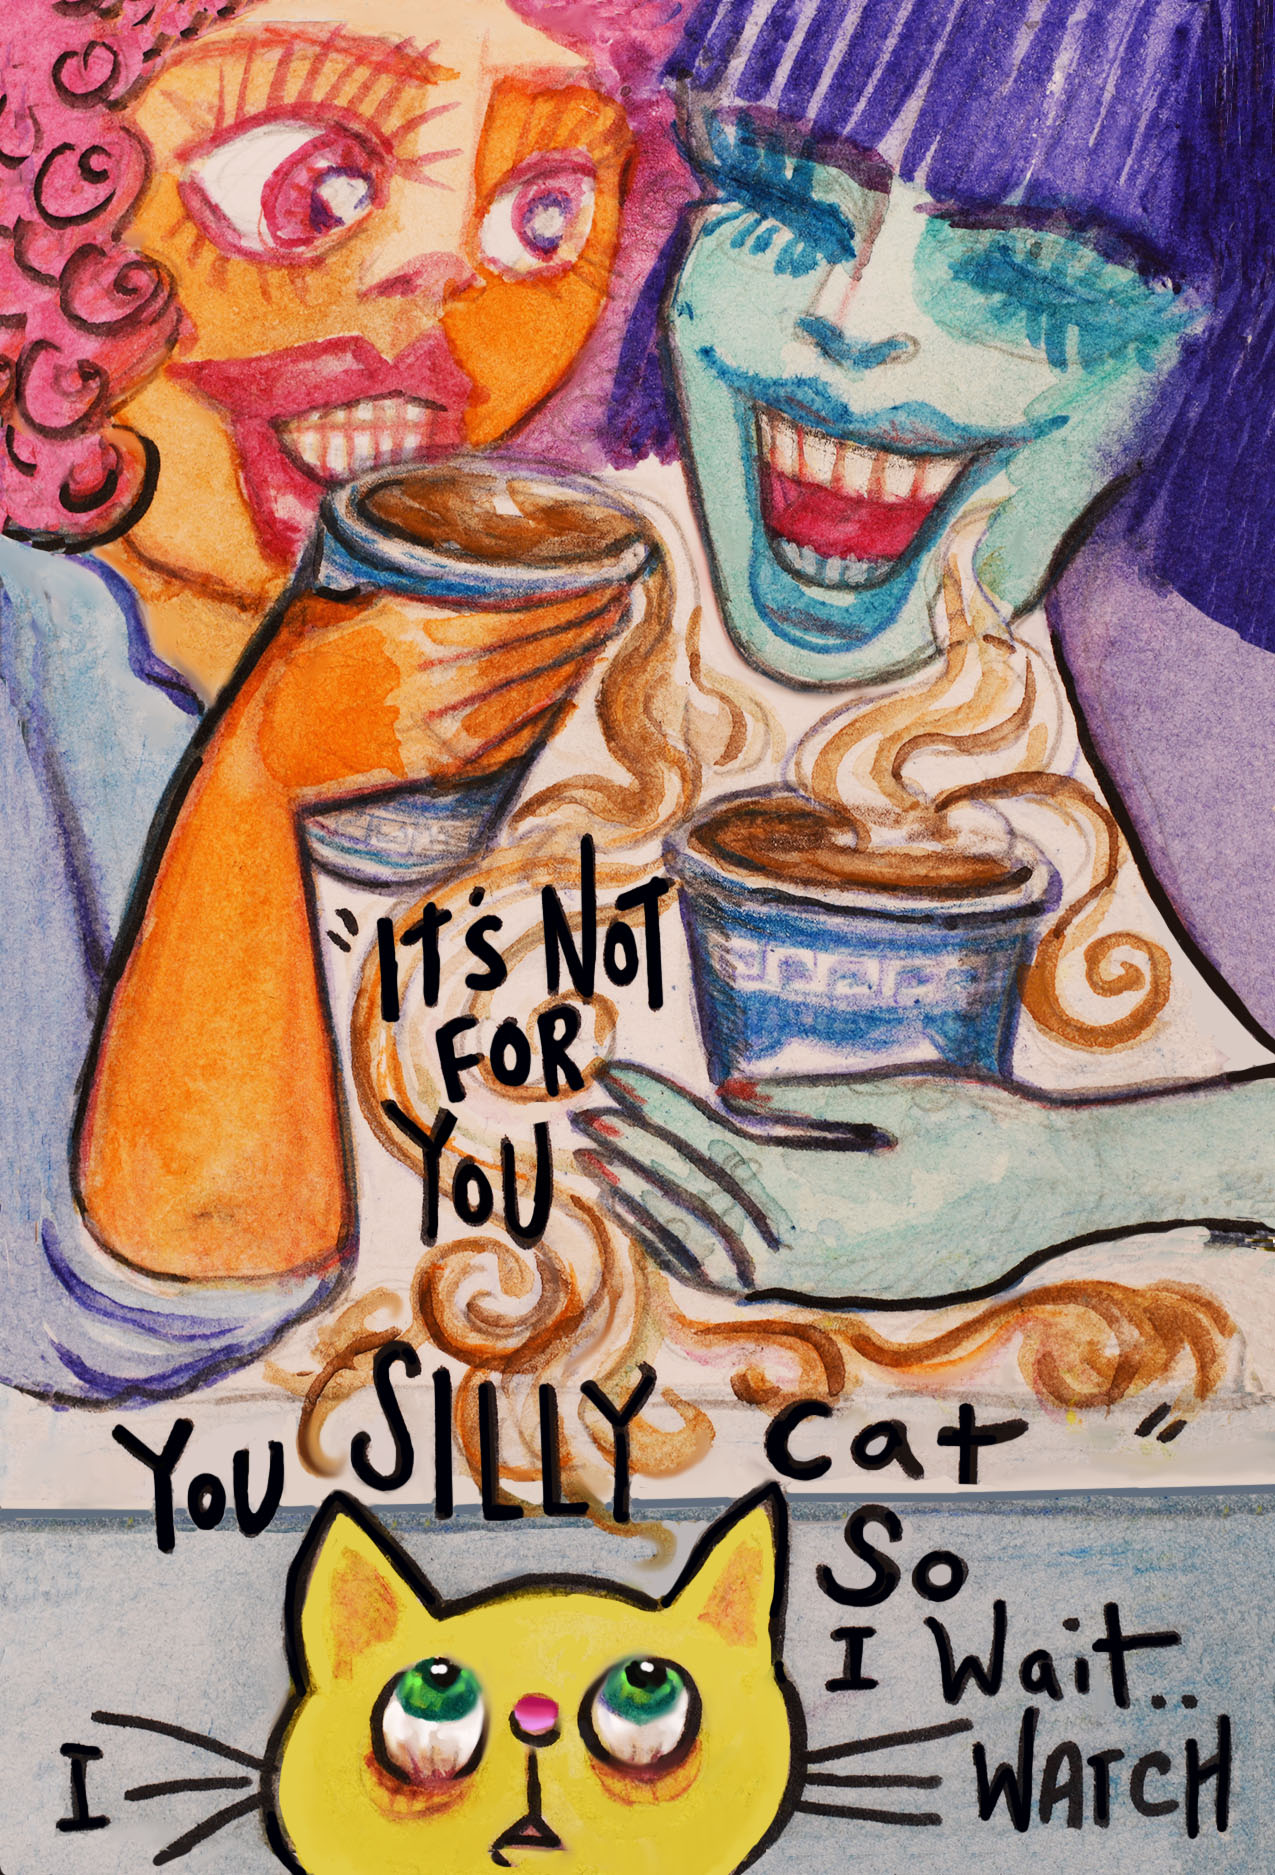 pisscatgwakeupsmellcoffee6.jpg